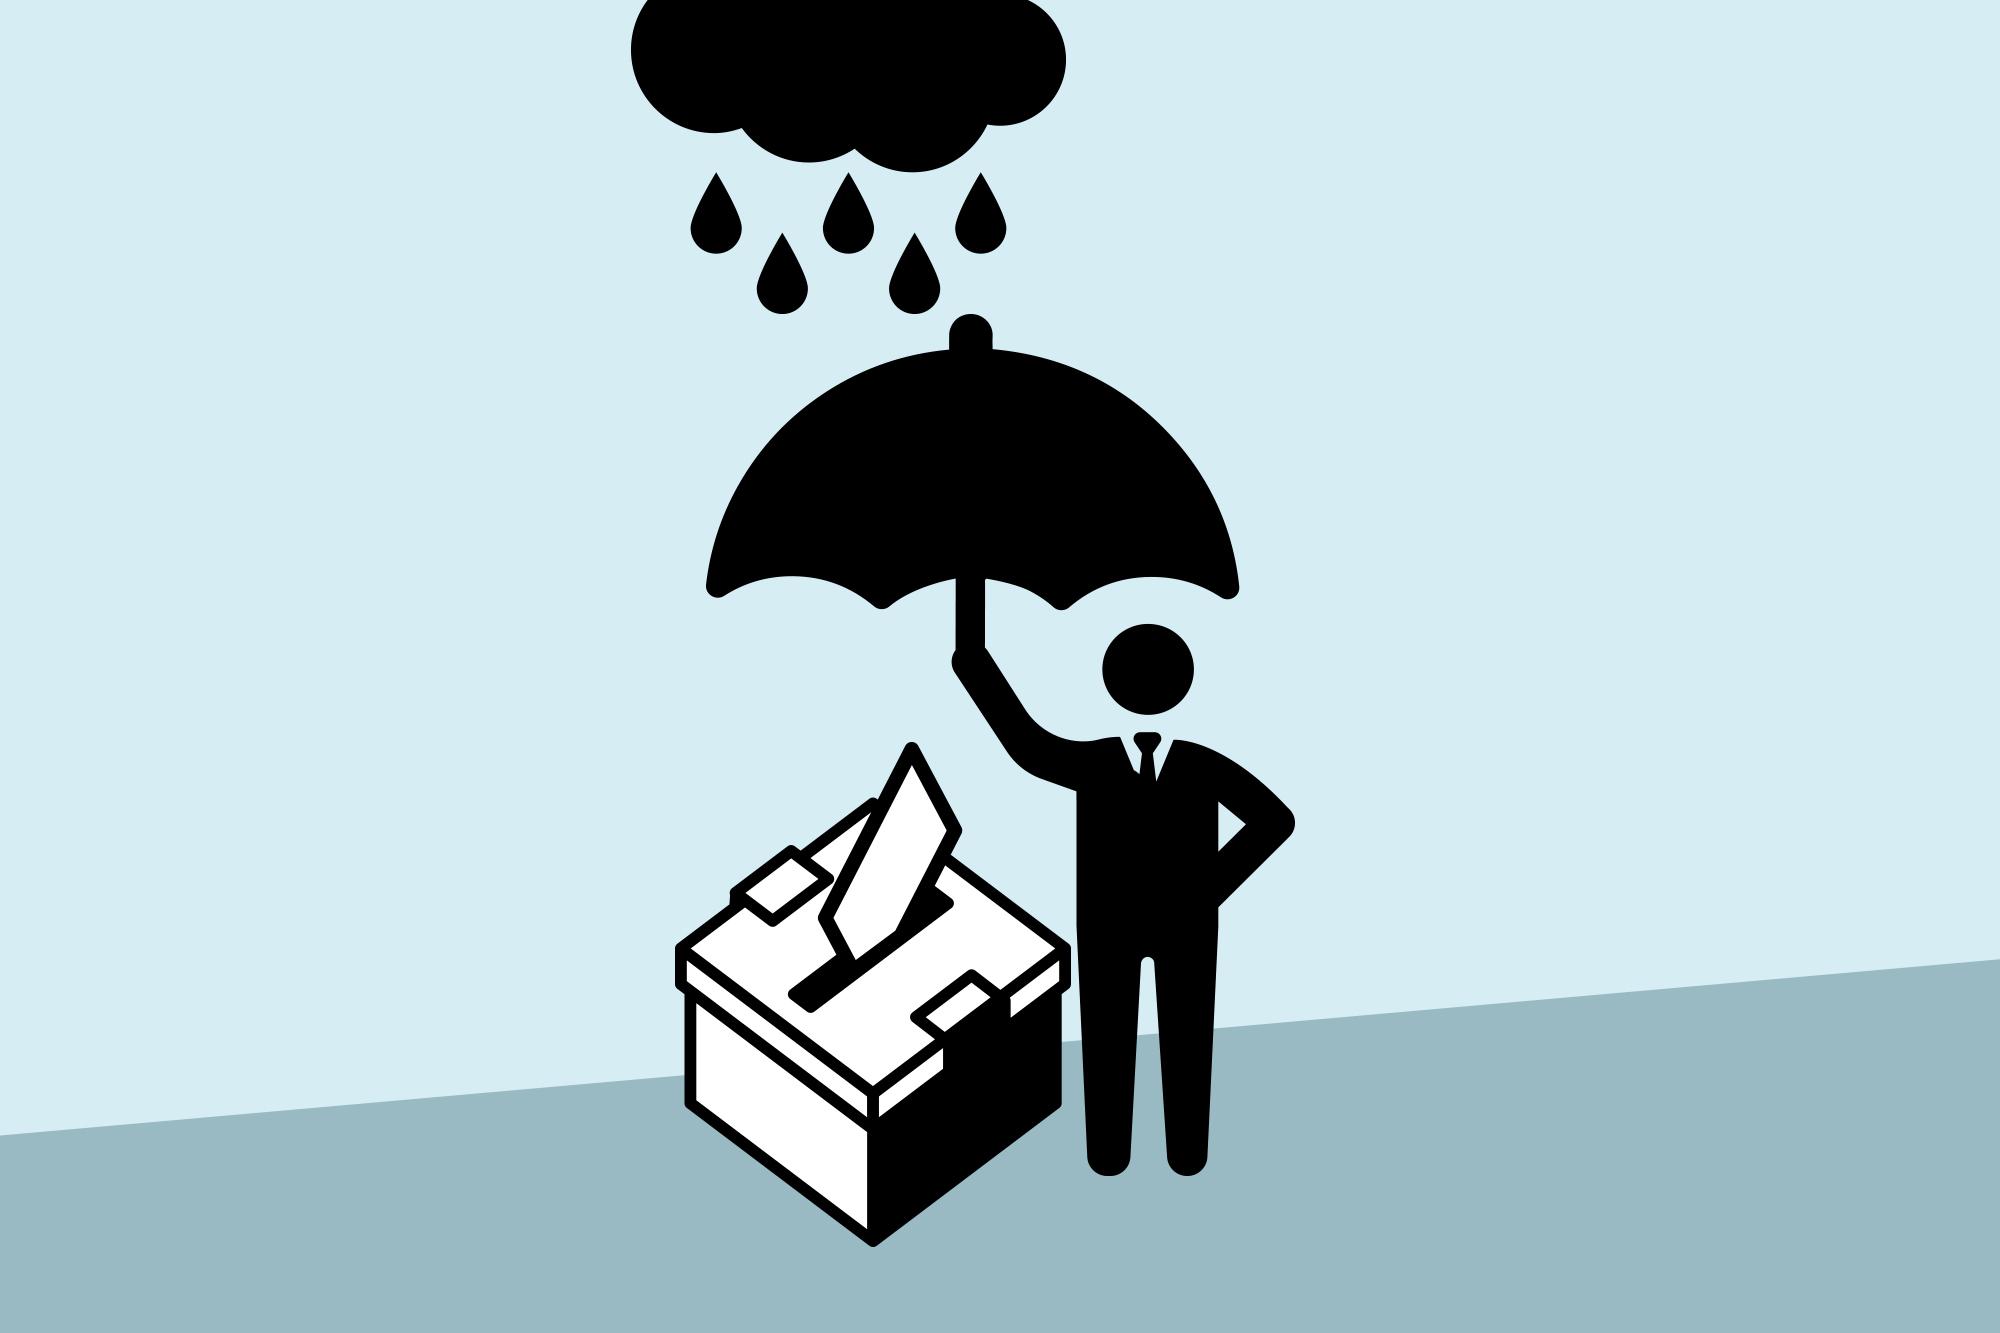 Ein Volks-Ja kommt bei gutem Wetter eher zustande als bei Regen.